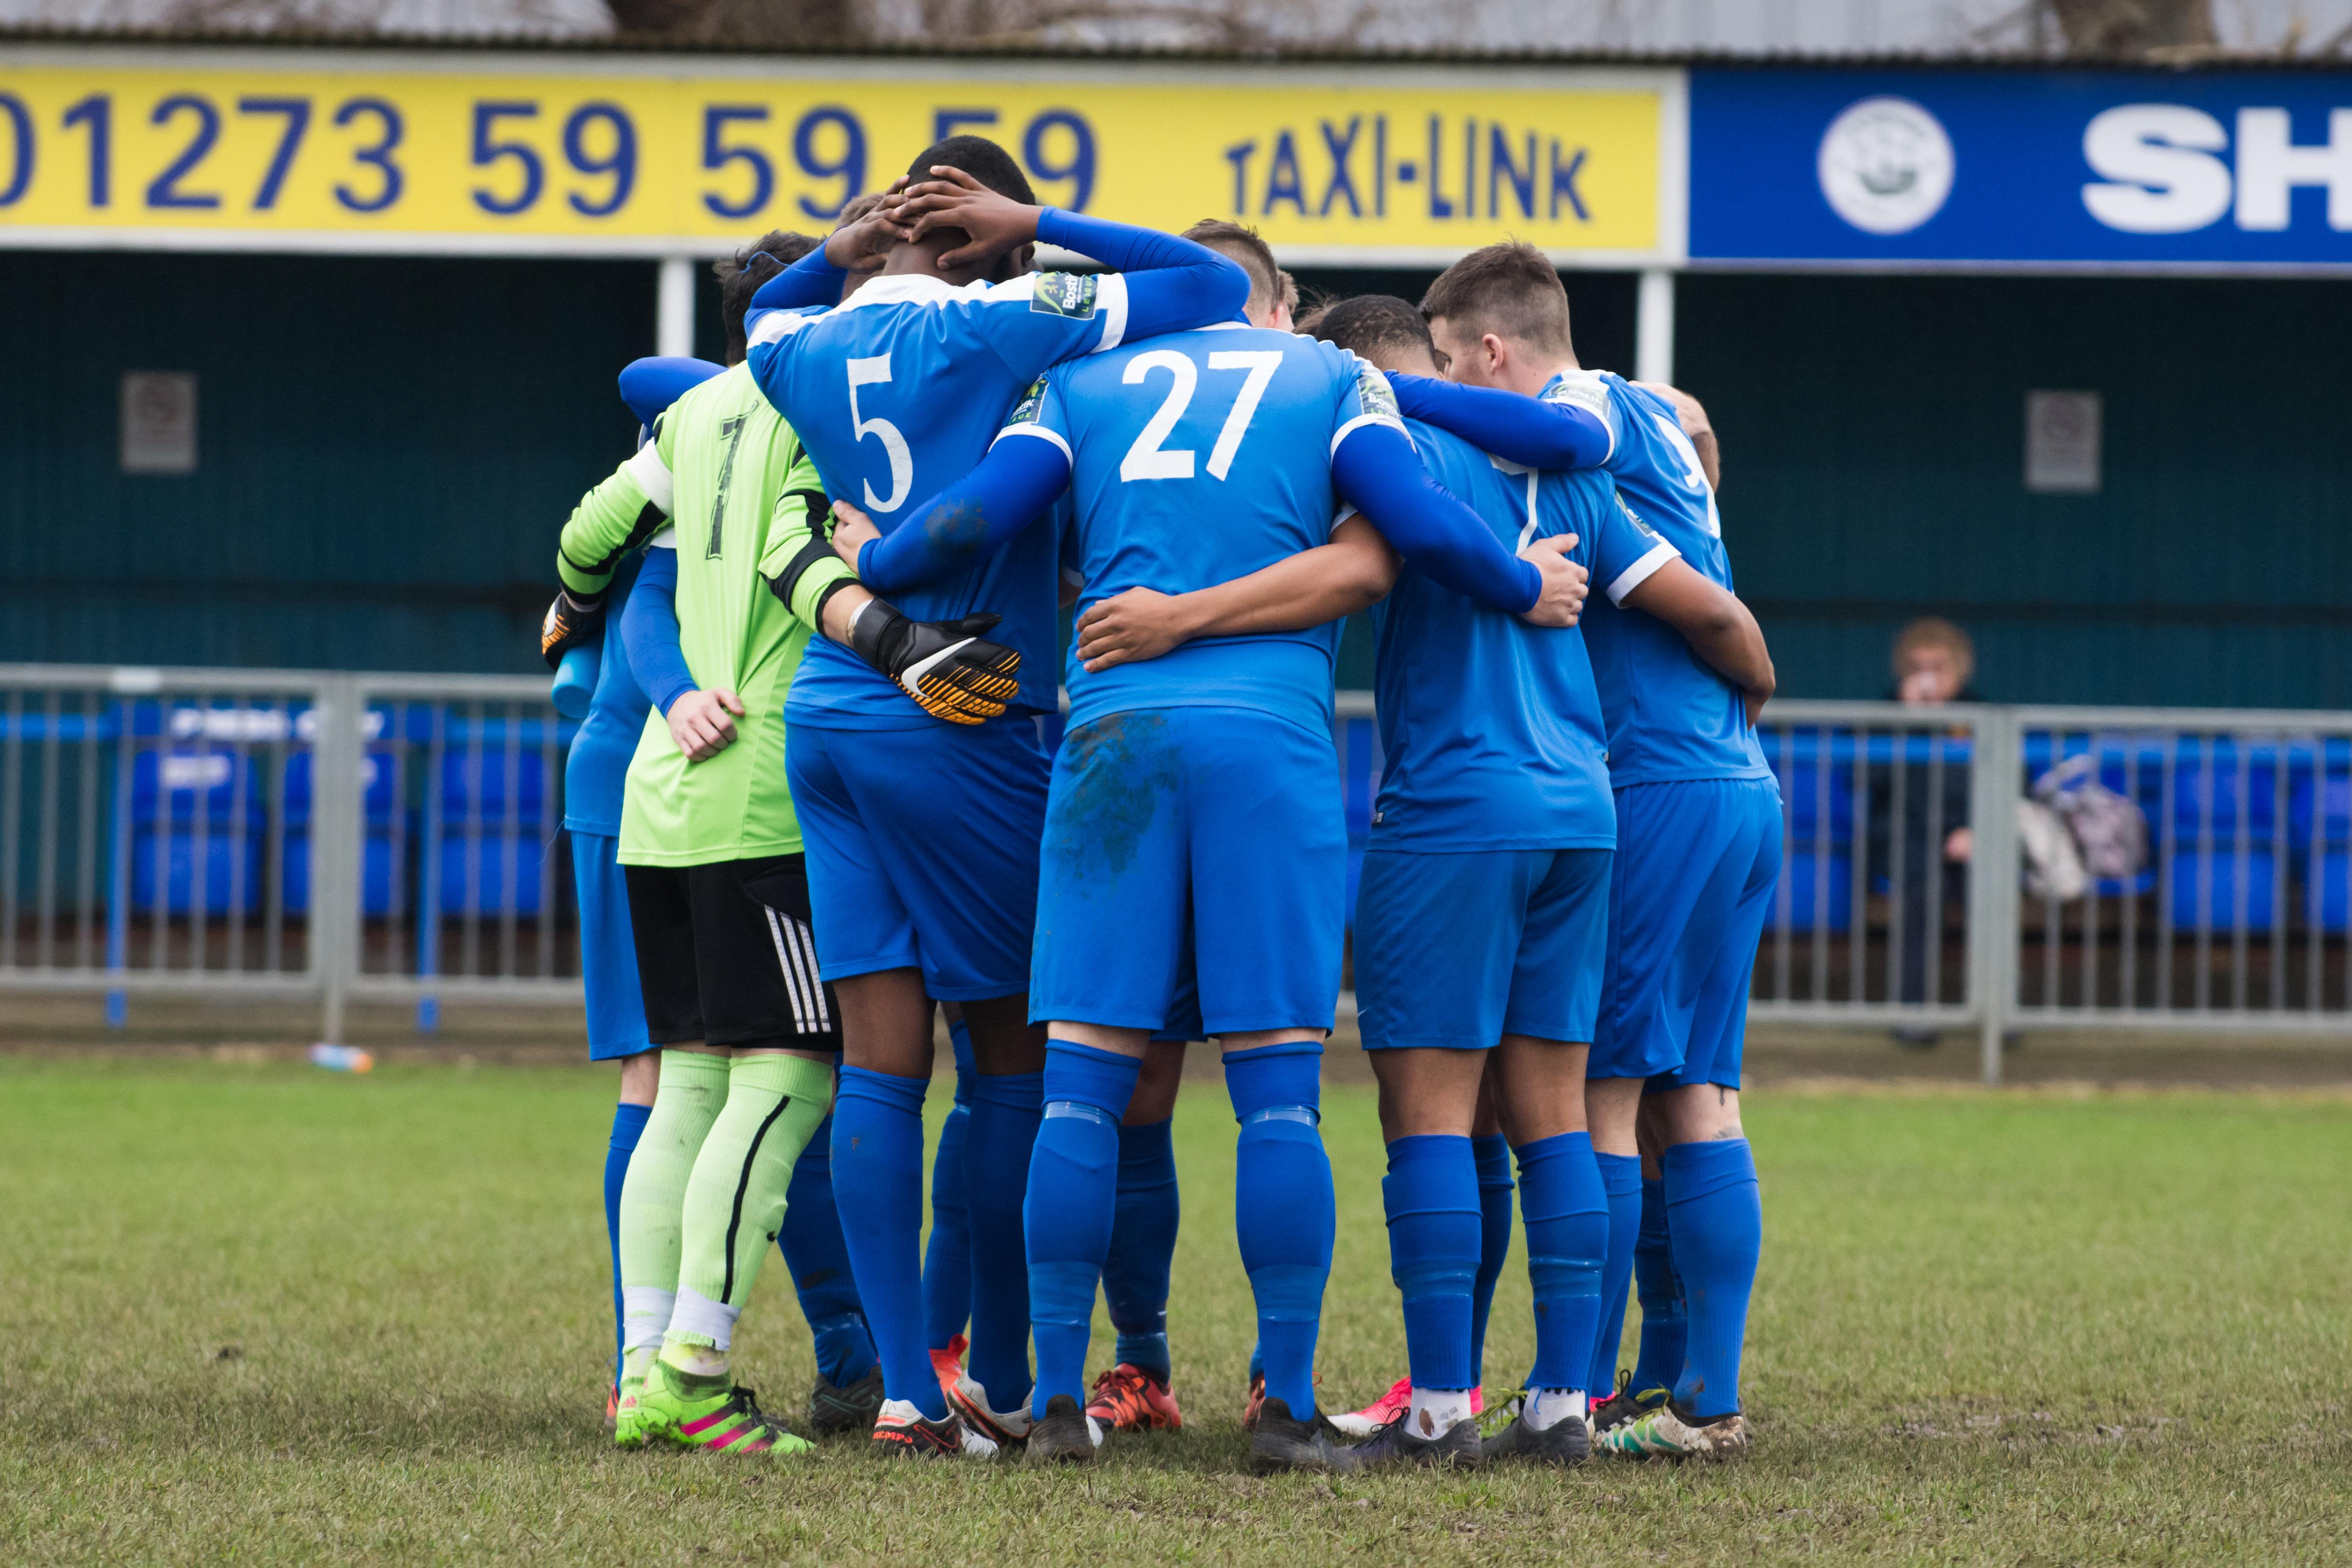 Shoreham FC vs Carshalton Ath 23.12.17 41